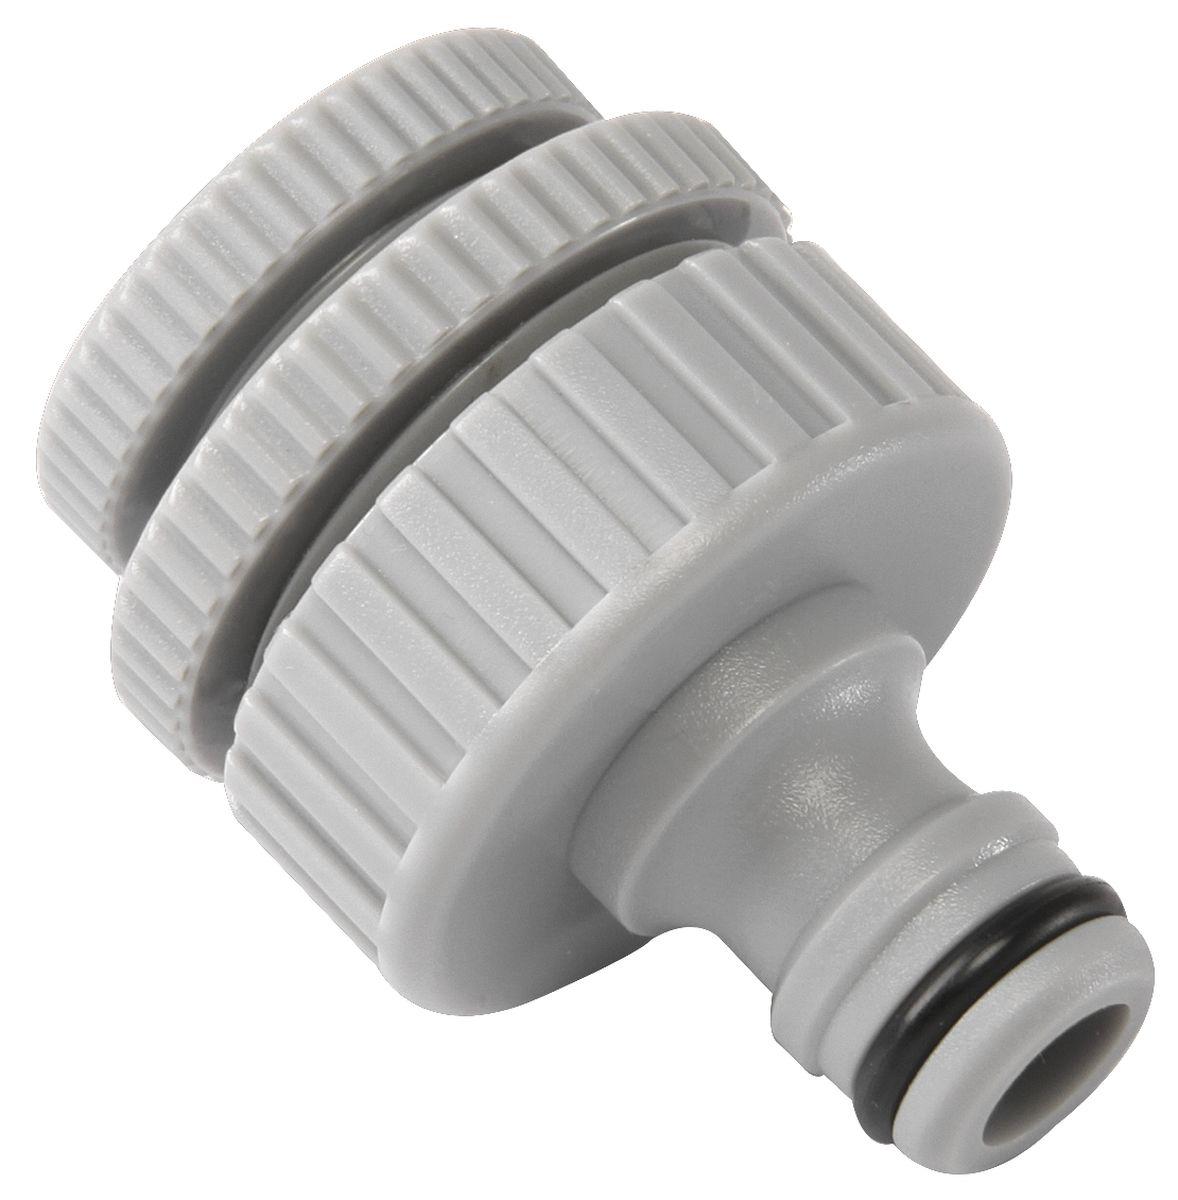 Штуцер резьбовой Green Apple, с переходниками, диаметр 12 мм - 19 мм - 25 мм106-026Резьбовой штуцер Green Apple изготовлен из высококачественного прочного ABS-пластика. Штуцер предназначен для соединения шлангов и насадок с кранами, имеющими внешнюю резьбу. В комплекте - 2 переходника разного диаметра.Диаметр: 1/2, 3/4, 1.